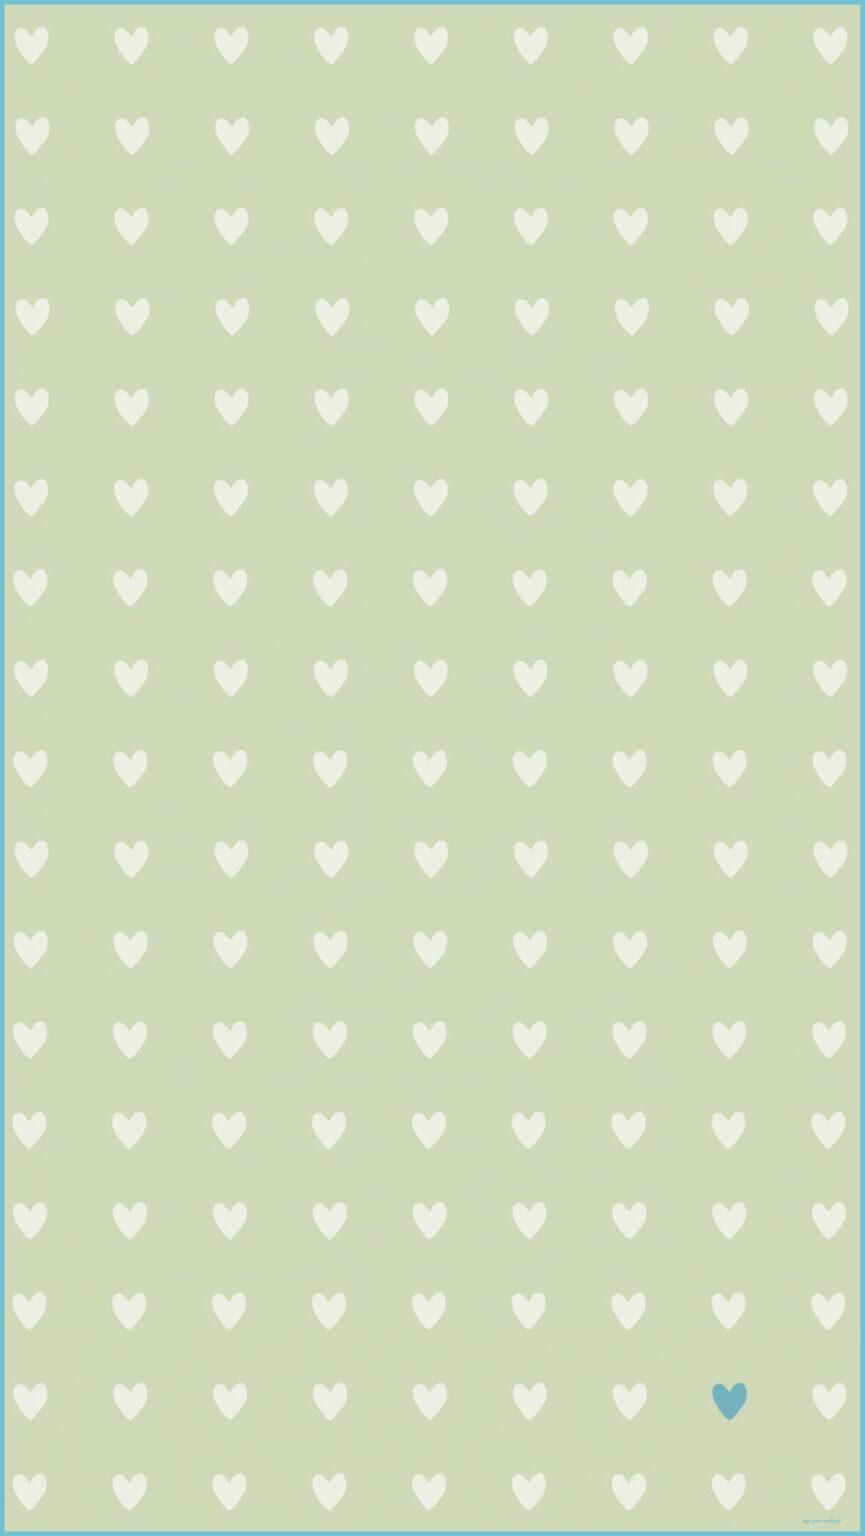 865x1536 Sage Khaki Mini Hearts Hình nền iPhone Hình nền điện thoại - Sage Green Wallpaper